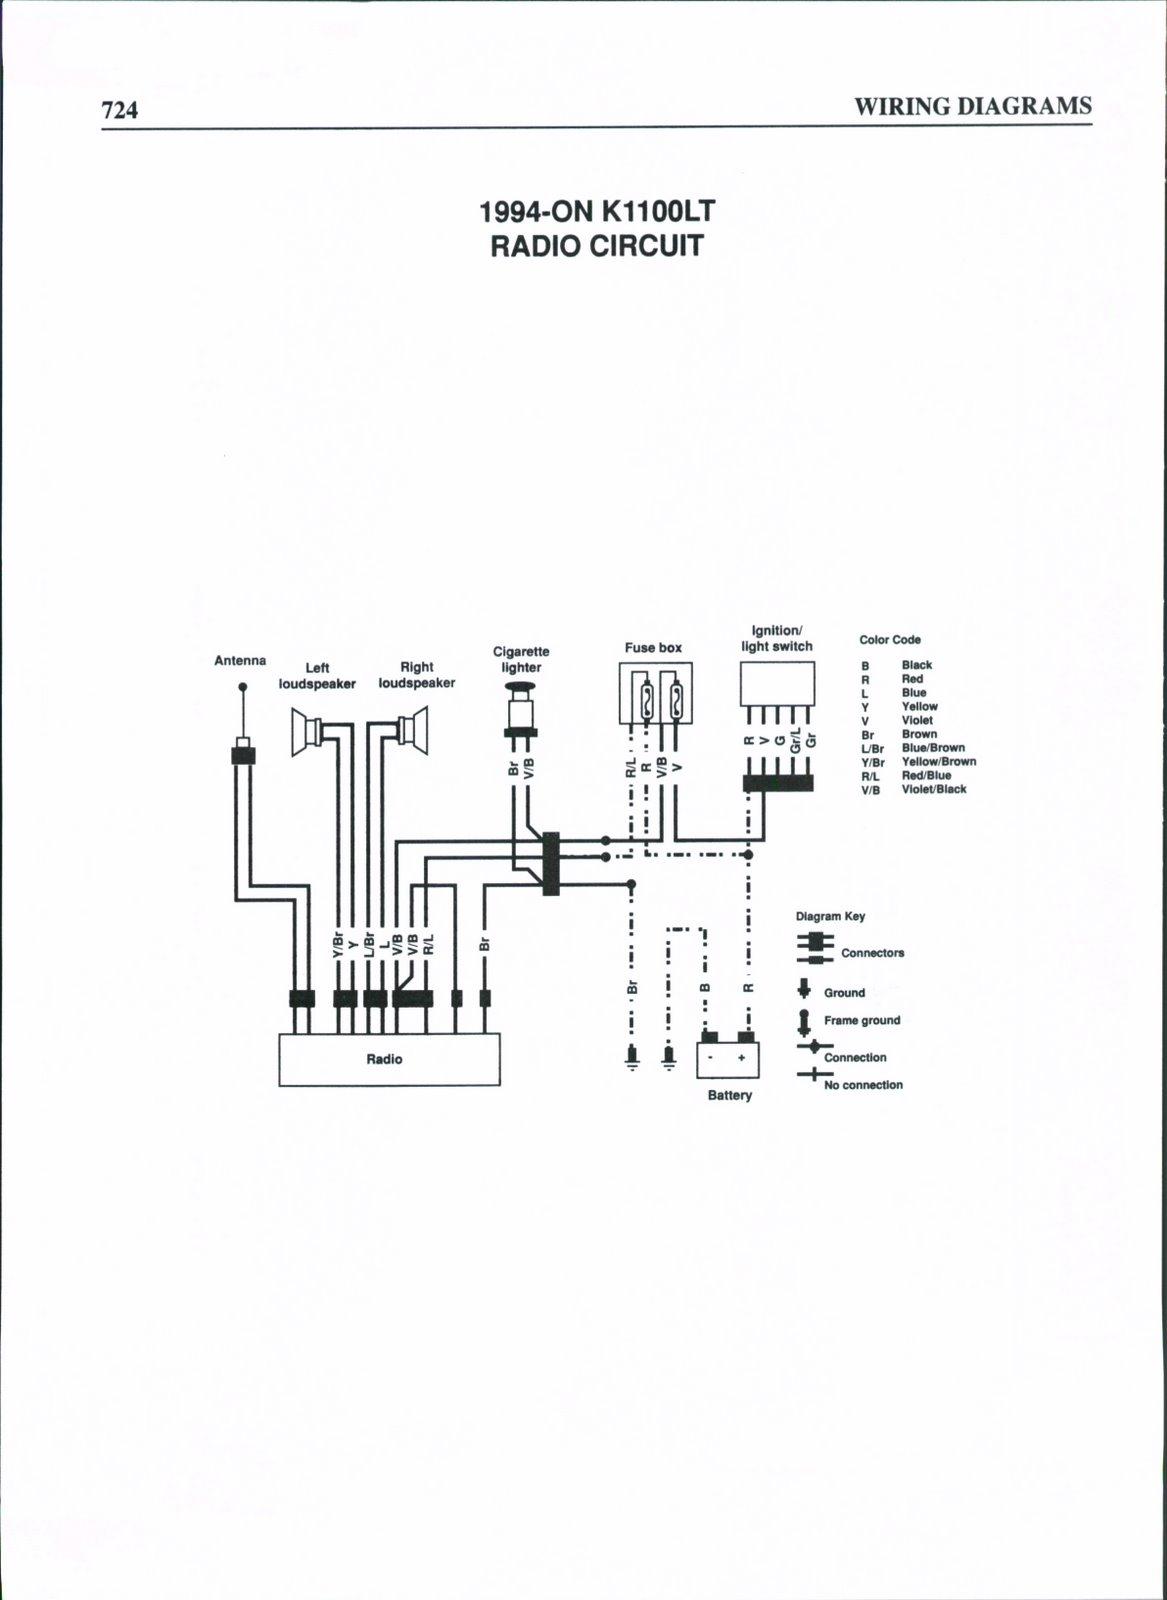 Erfreut Elektrisches Ckt Diagramm Fotos - Schaltplan Serie Circuit ...